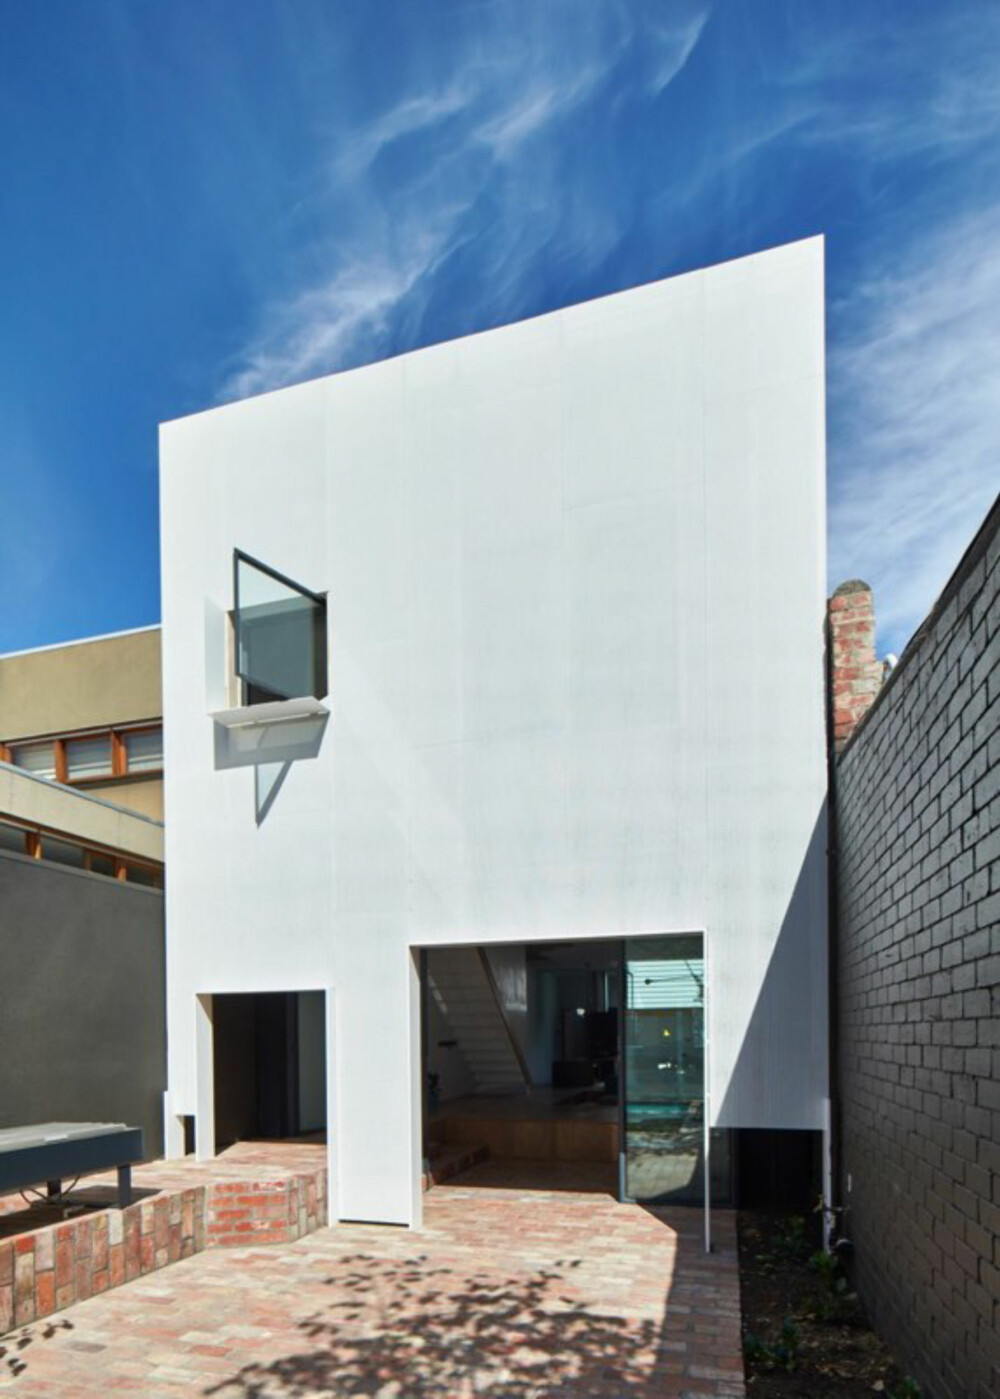 SKYGGE: Når solen står rett på fasaden, skaper den perforerte metallkledningen en svalende skyggevirkning innenfor.